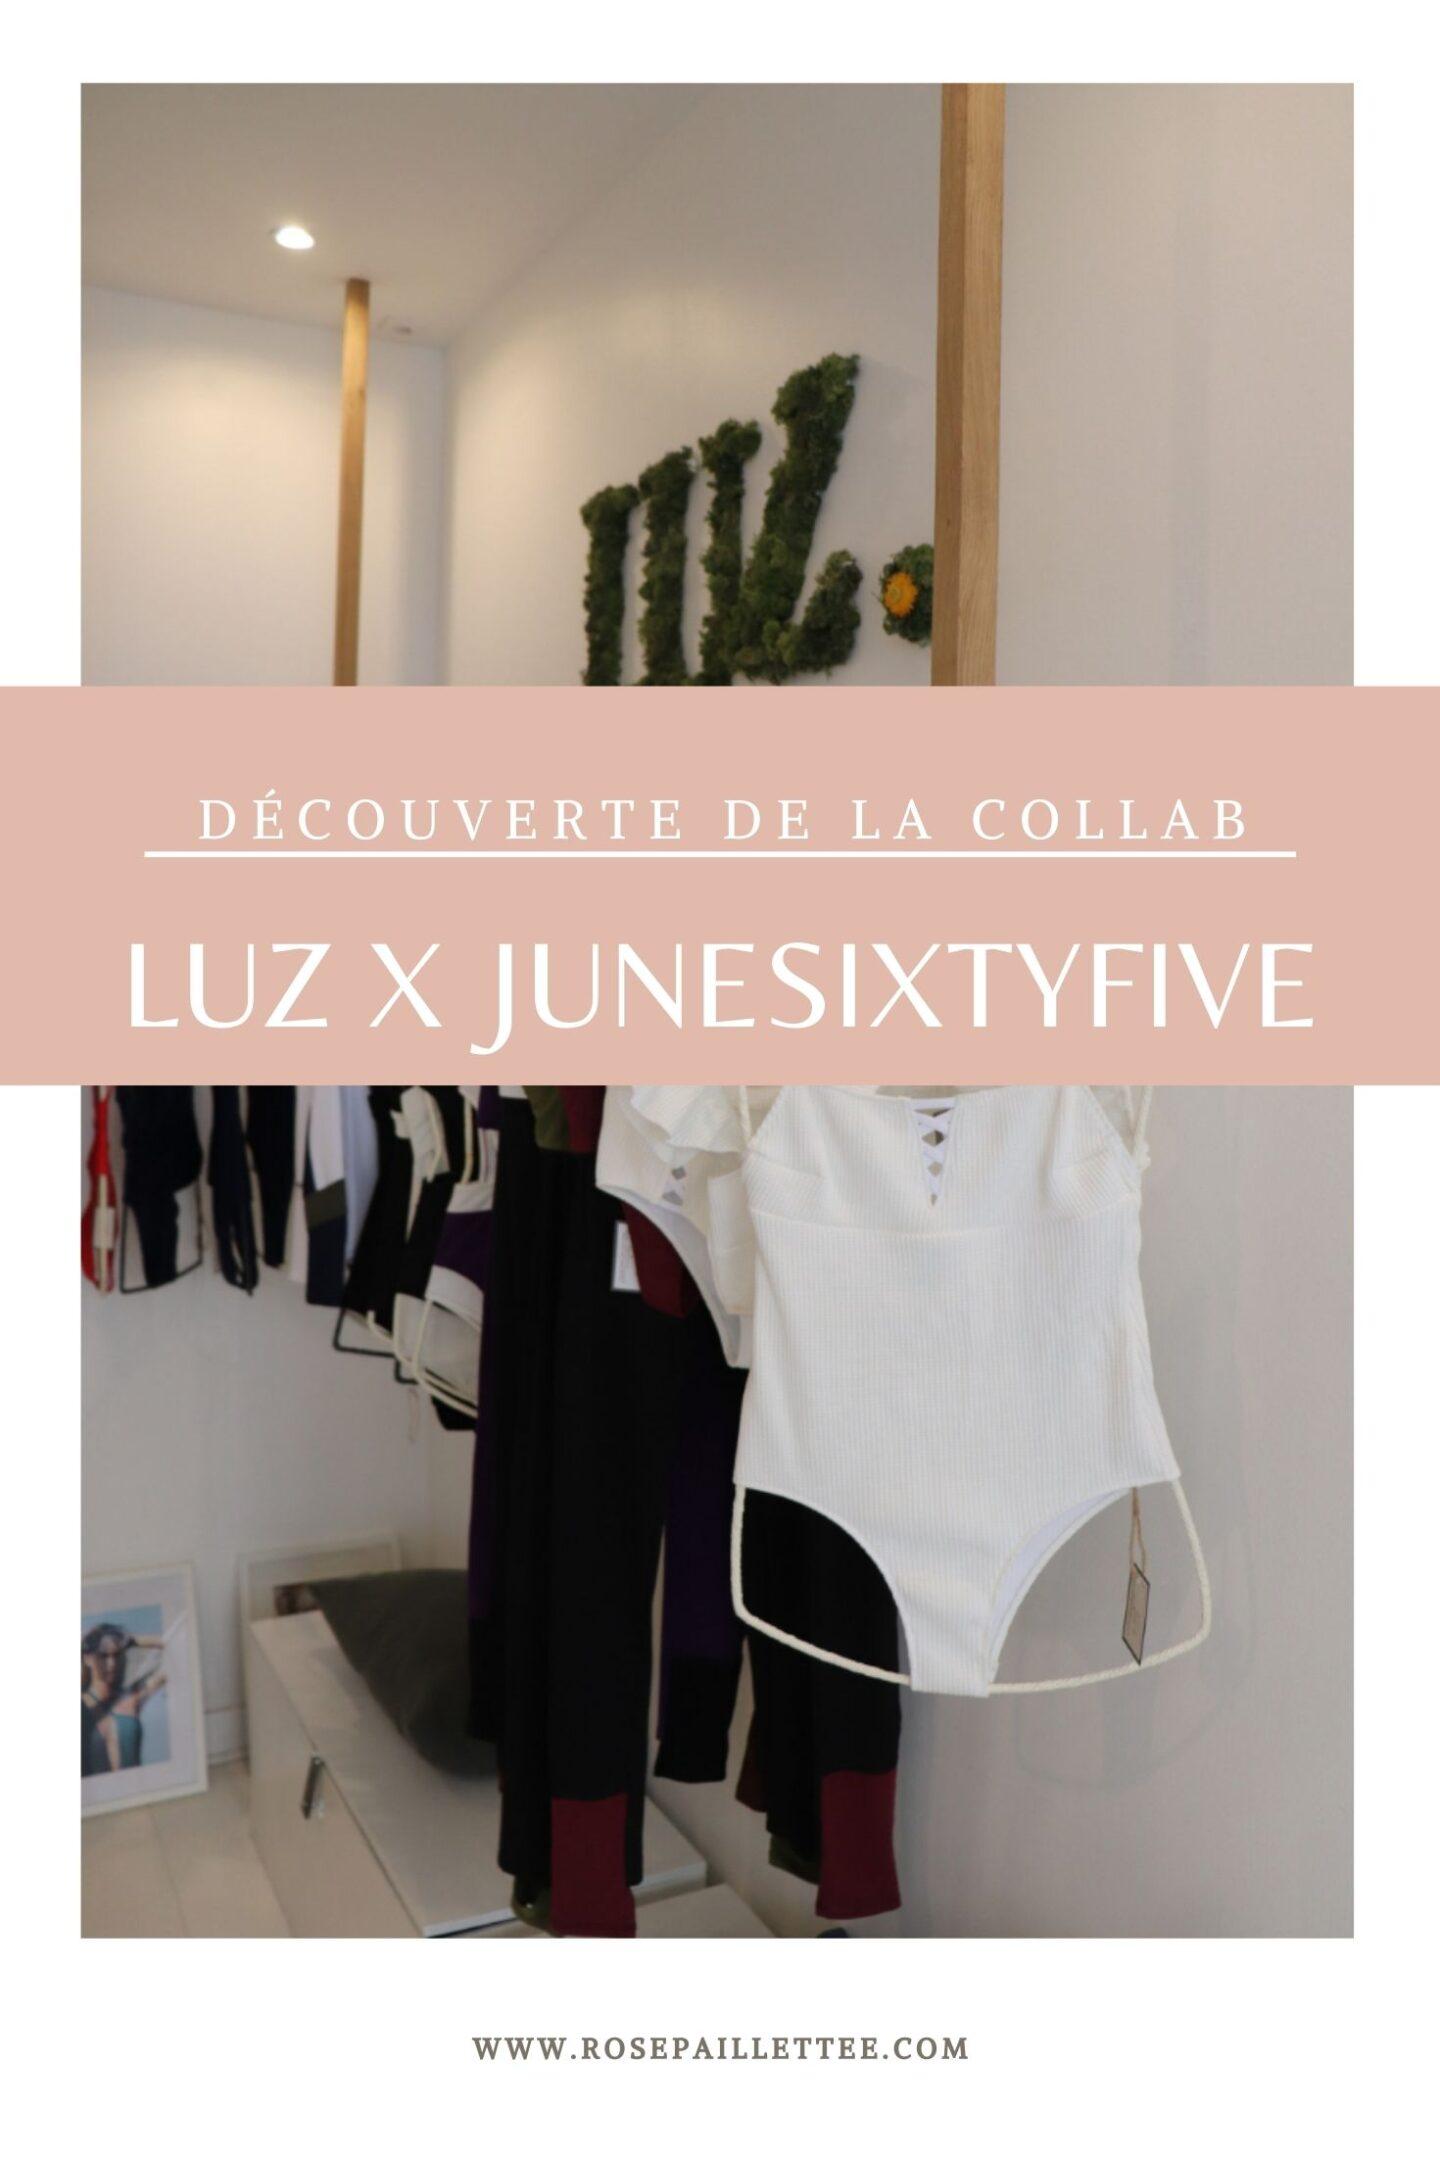 Découverte de la collaboration entre Luz et Junesixtyfive